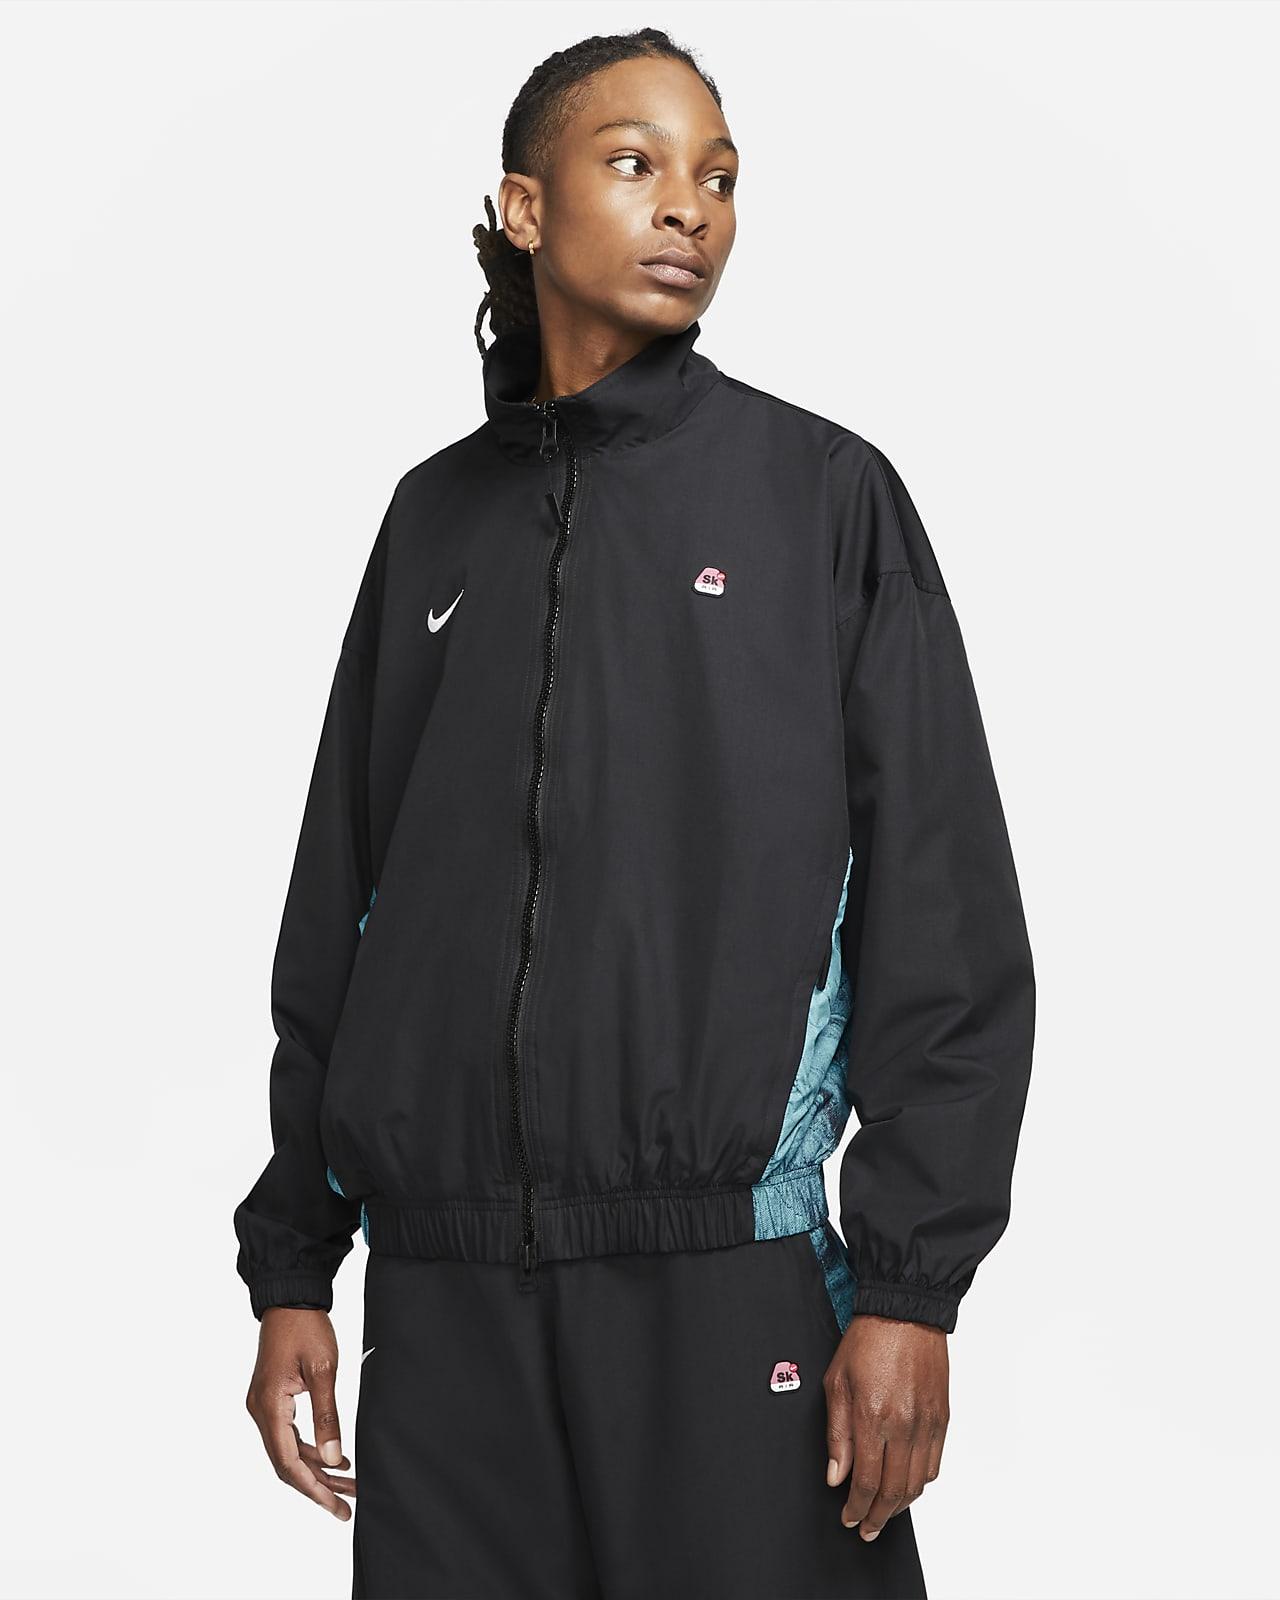 เสื้อแจ็คเก็ตวอร์มผู้ชาย Nike x Skepta